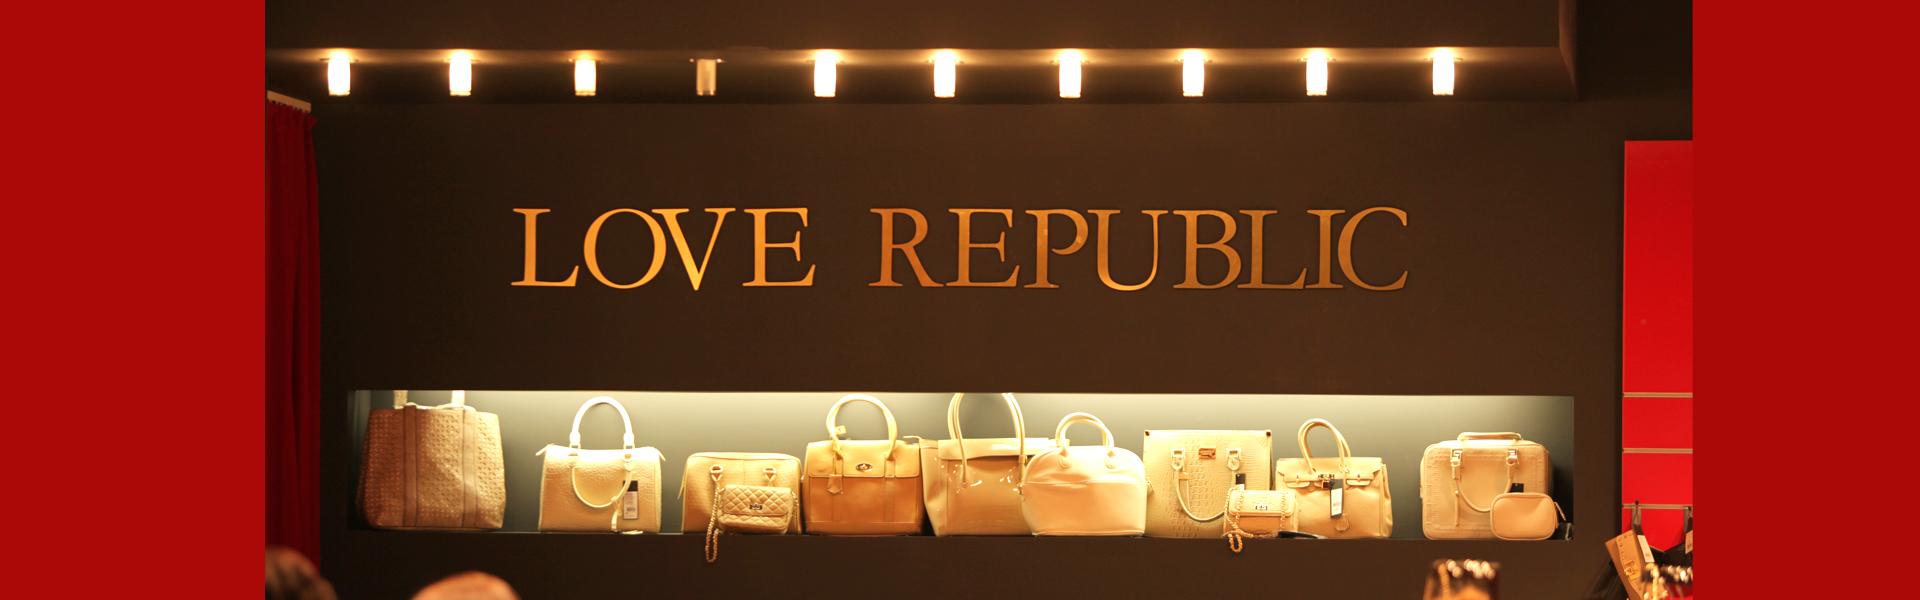 Рекламное оформление стойки рецепции Love Republic